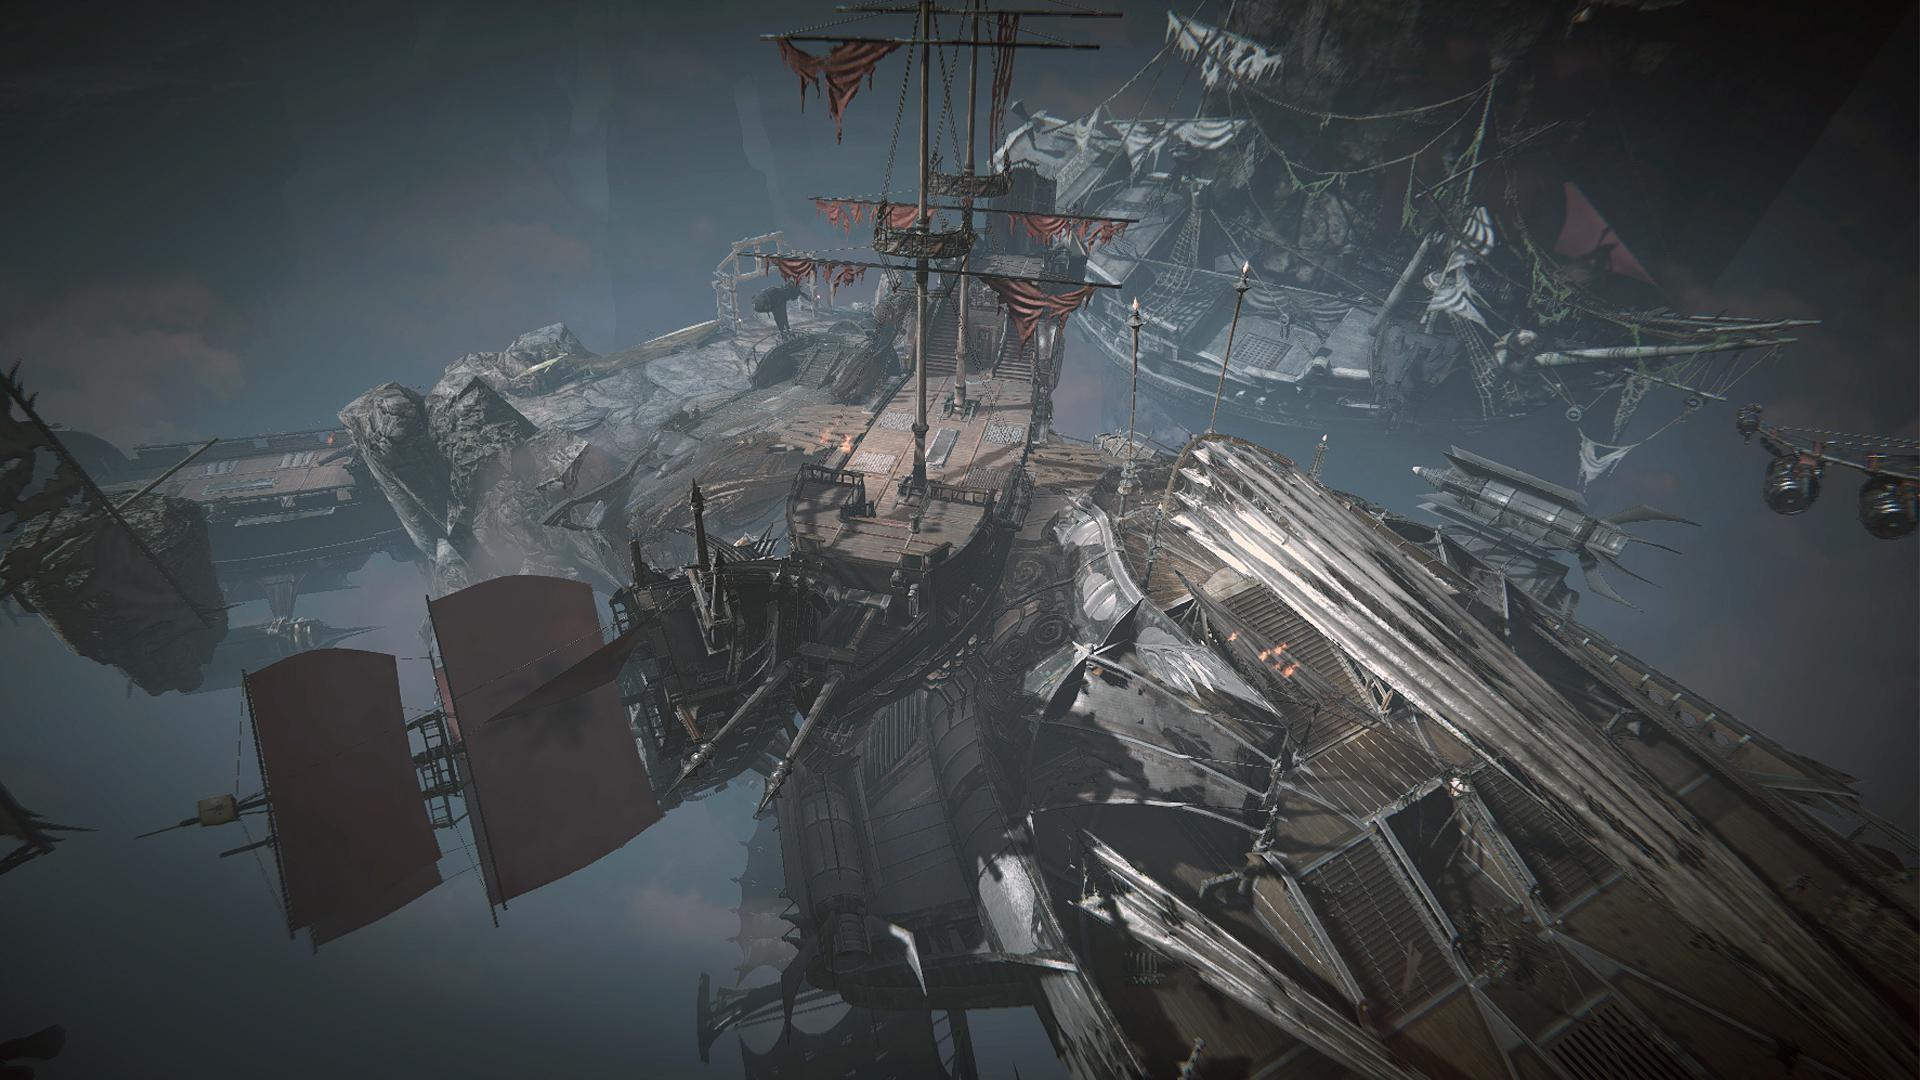 Autoři PUBG chystají novou hru, MMORPG Ascent: Infinite Realm 152533